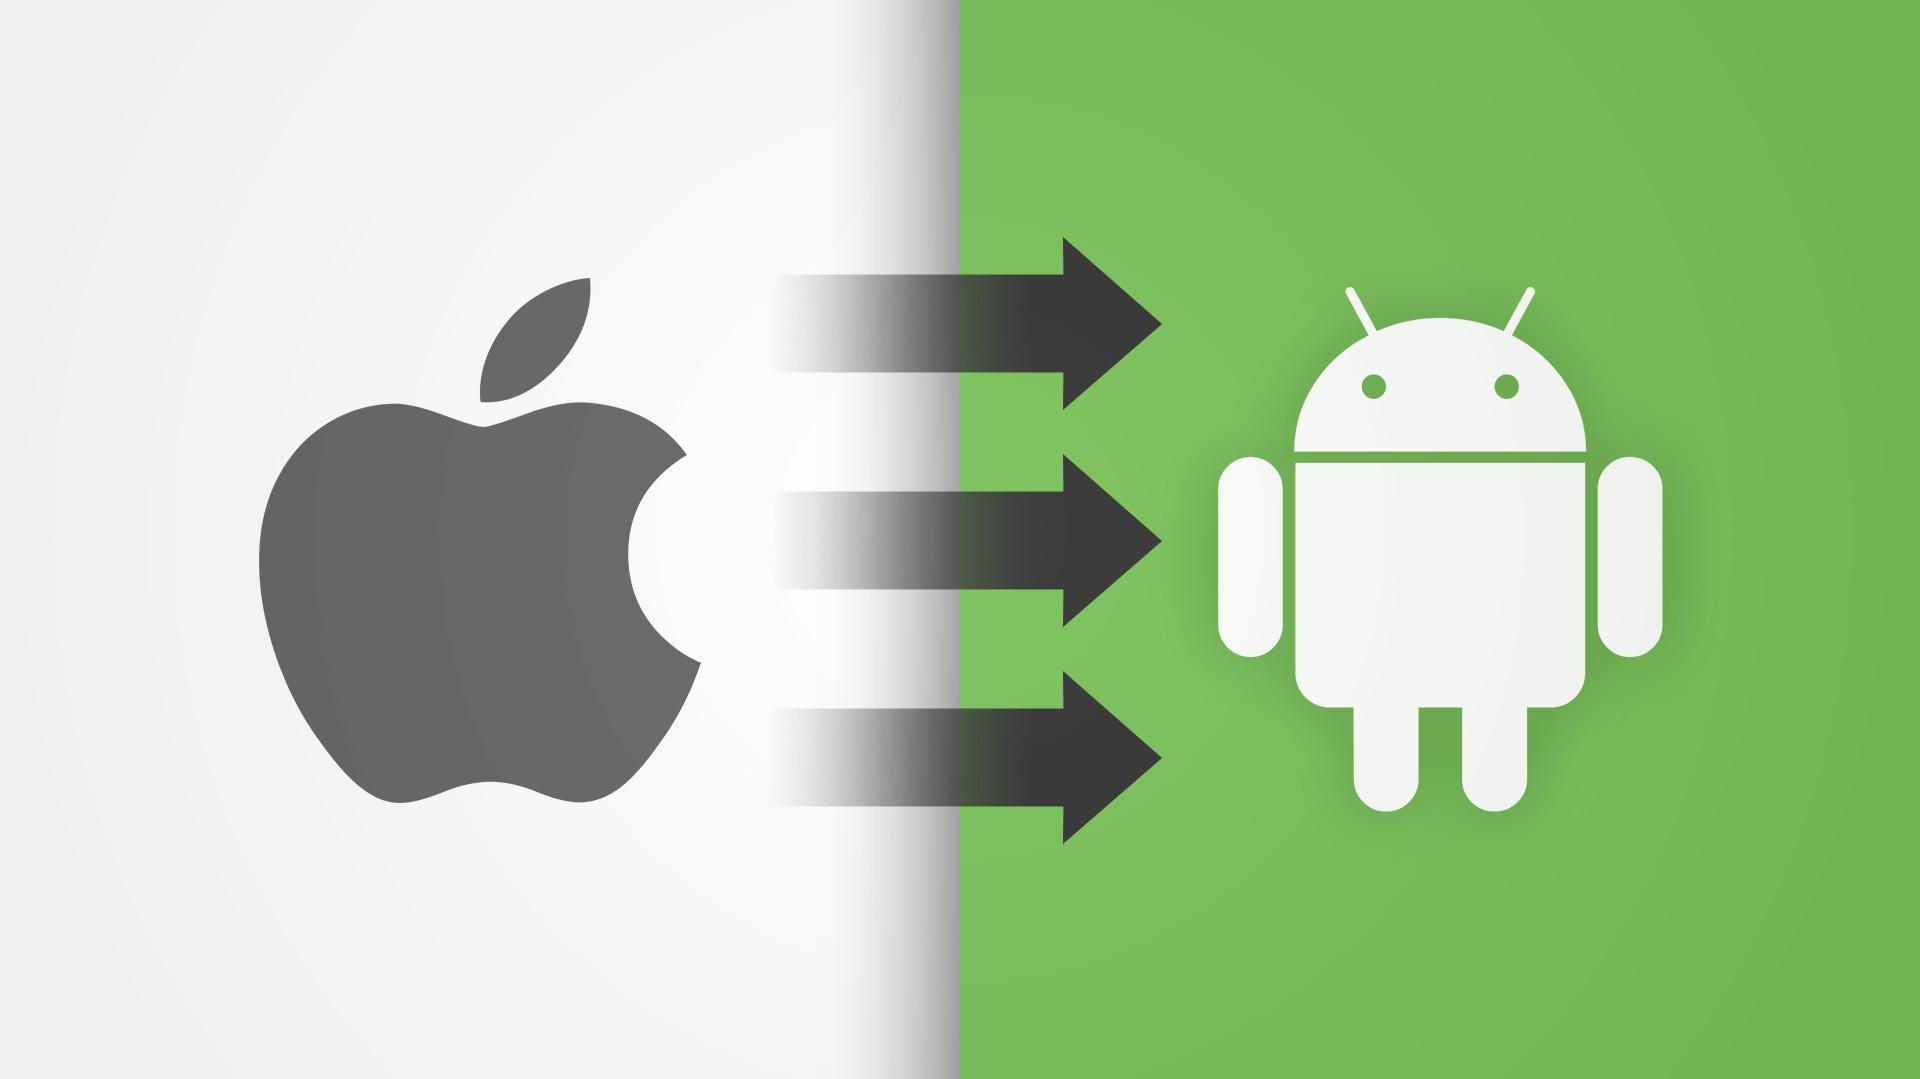 Vom iPhone zu Android: So gelingt der Smartphone-Wechsel